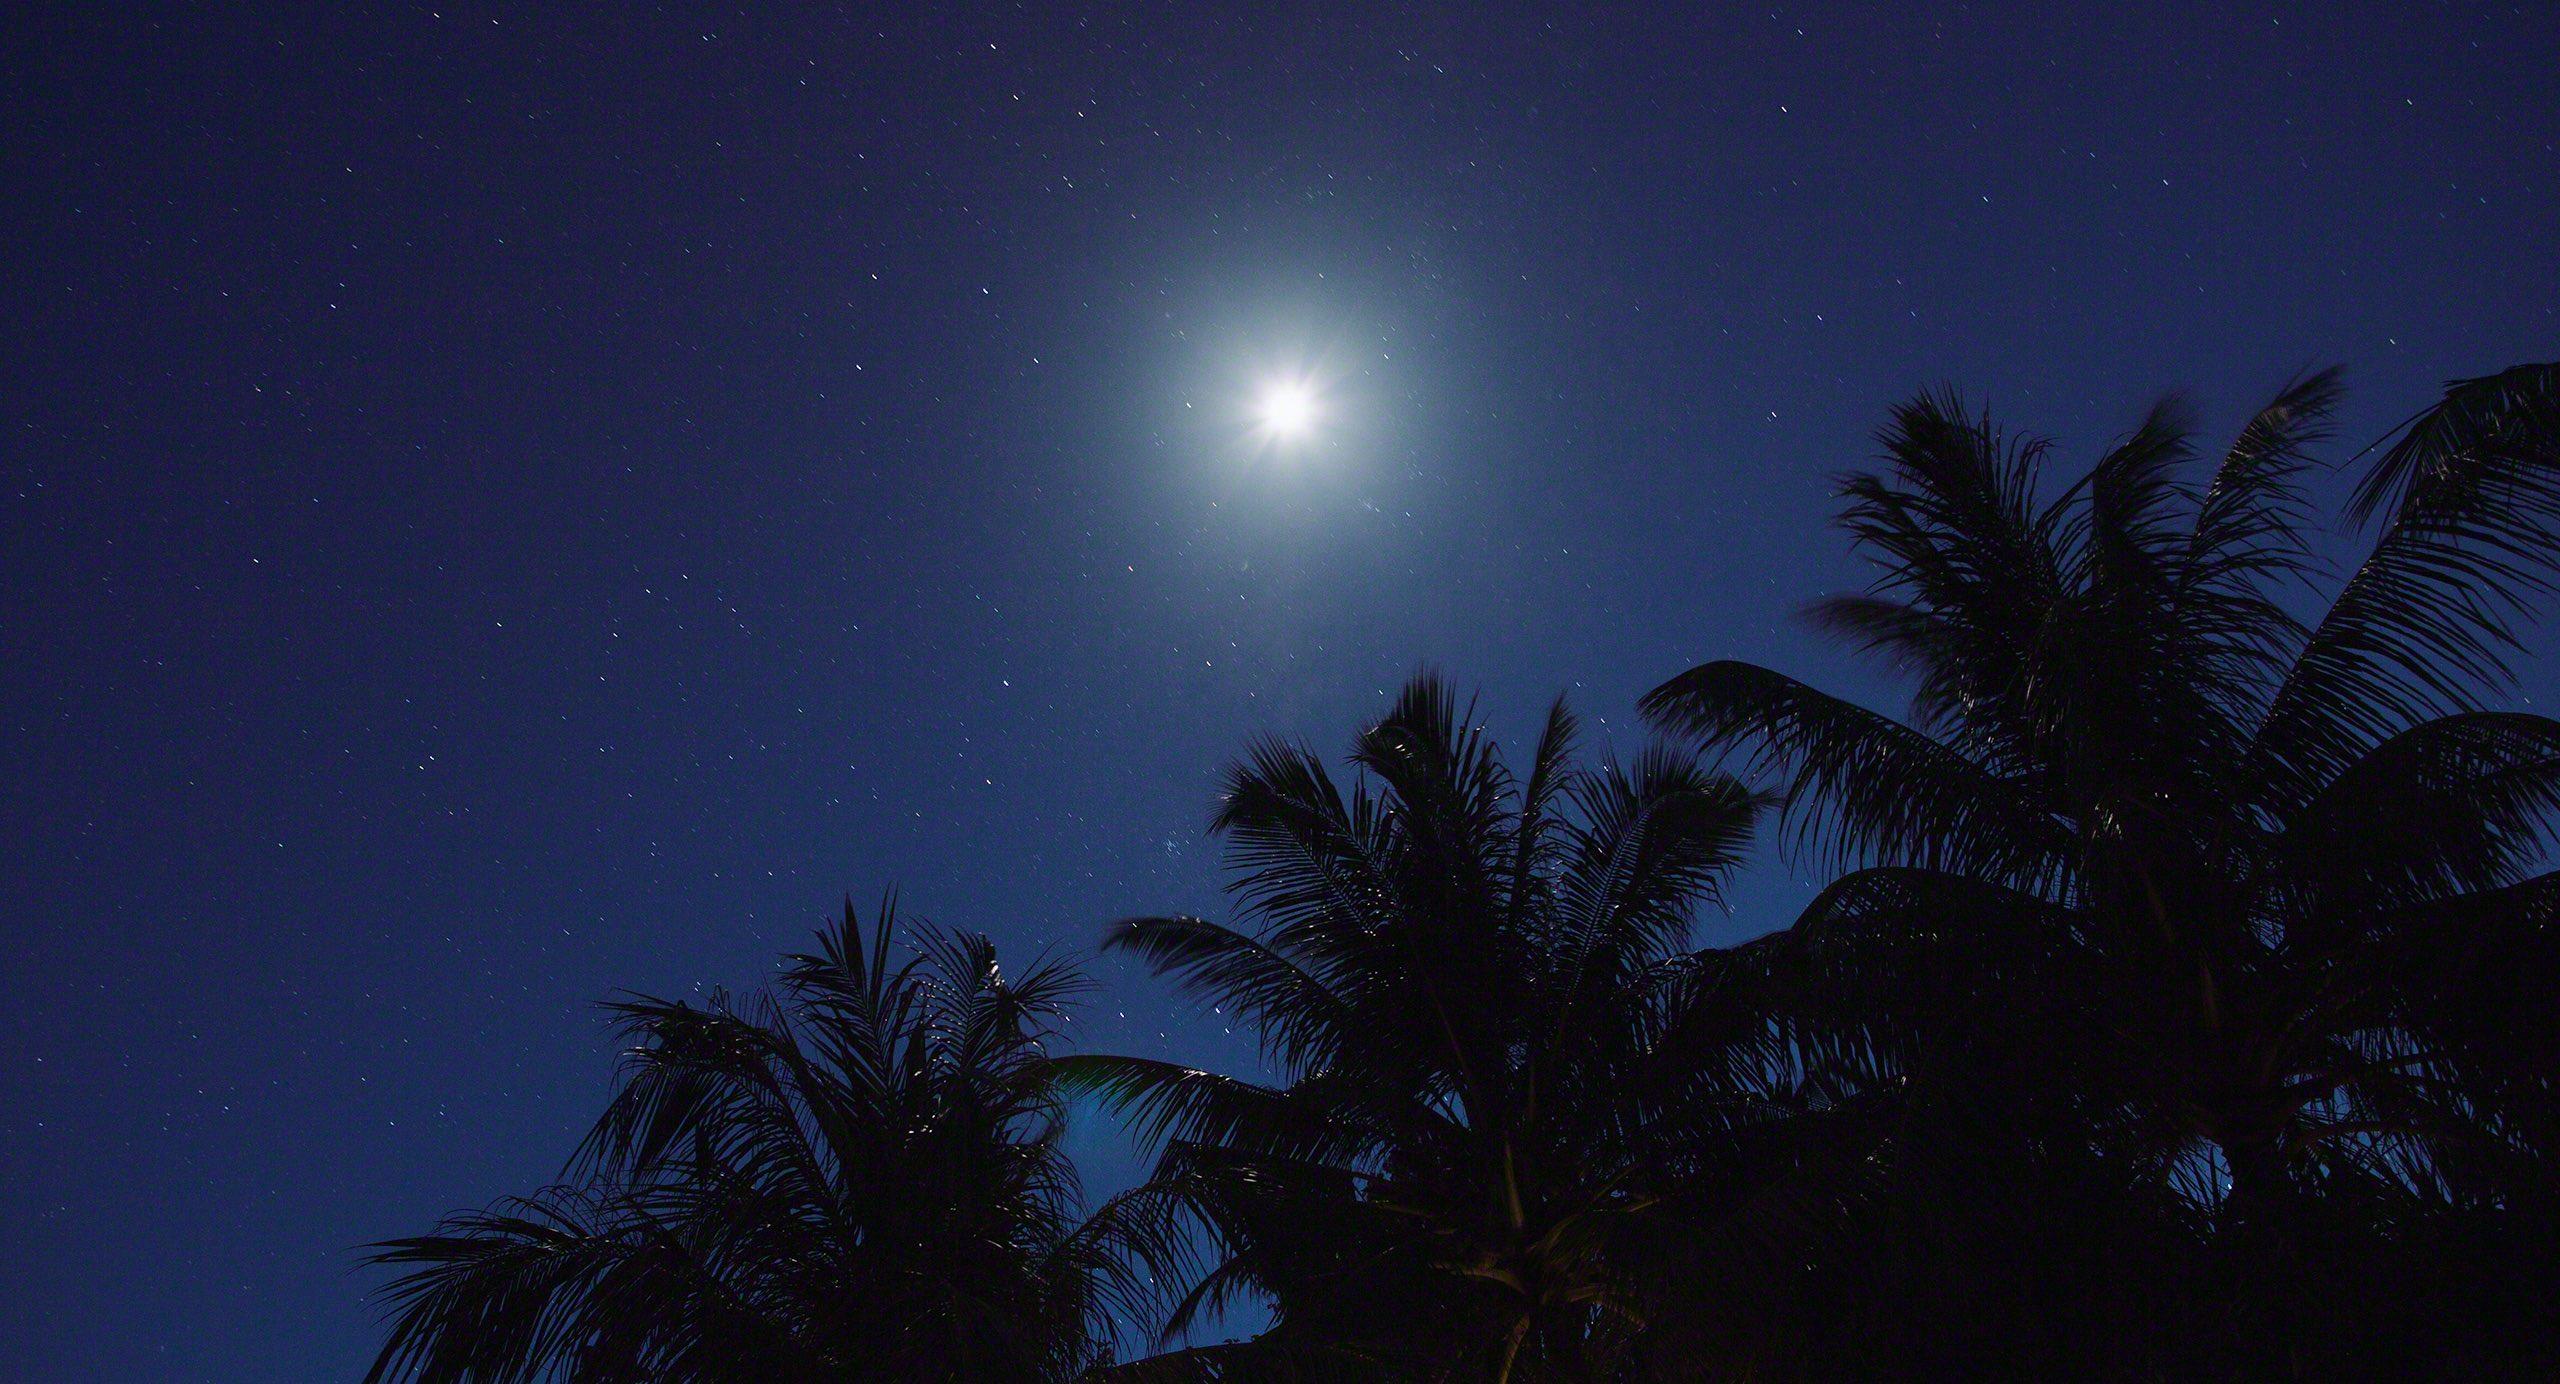 Hier ist der Himmel voller Sterne.